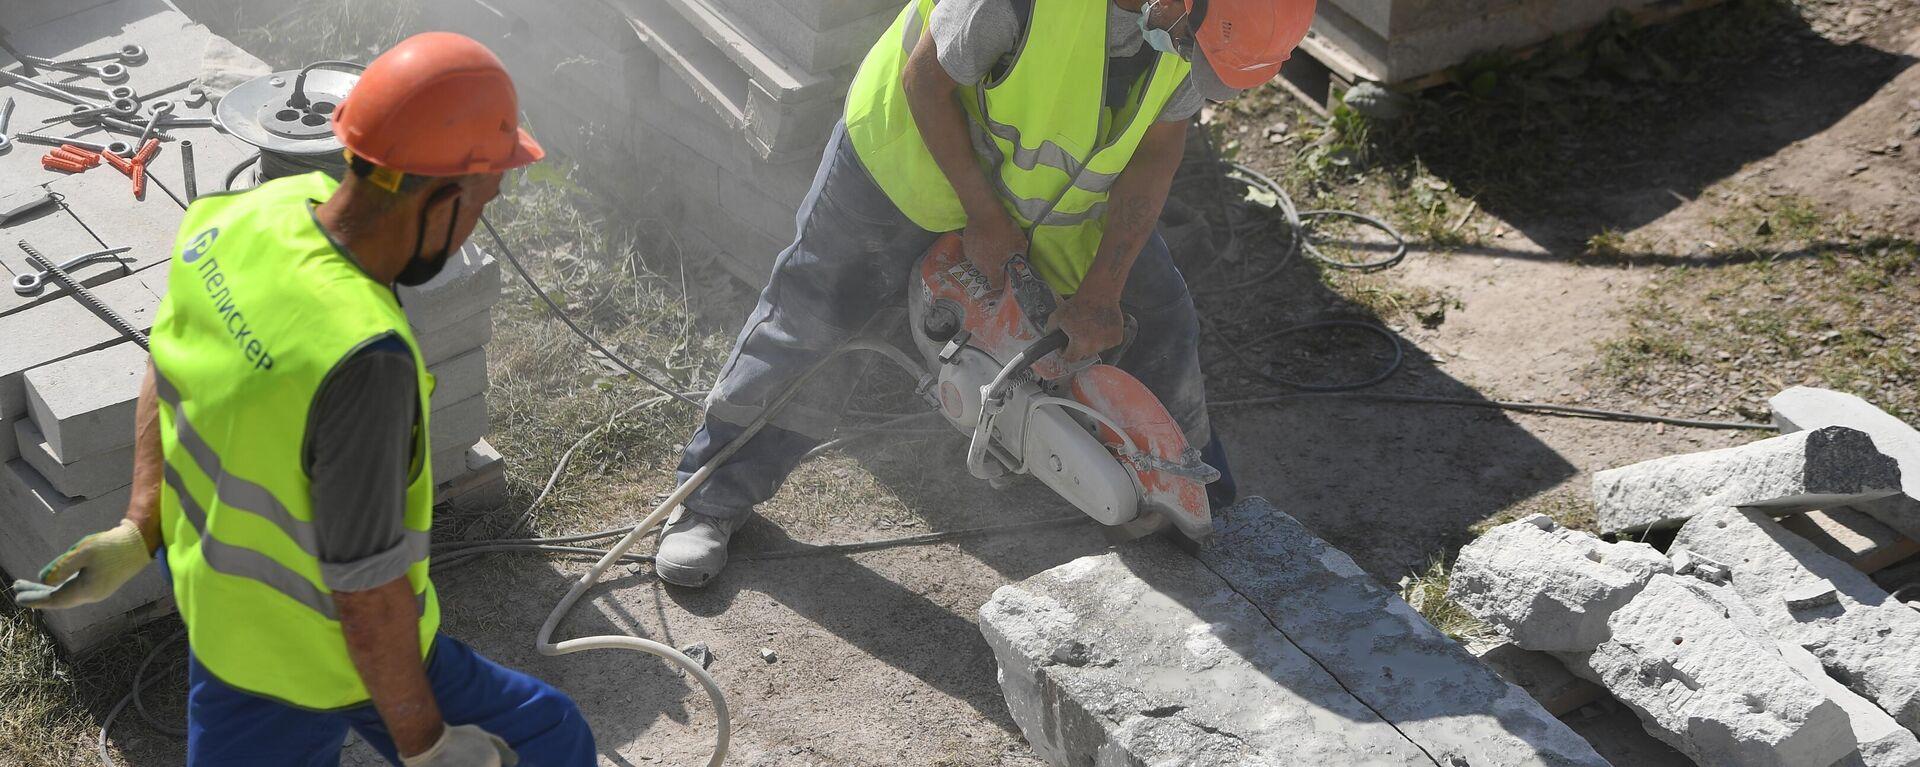 Рабочие на строительной площадке на Большом Каменном мосту - Sputnik Ўзбекистон, 1920, 23.09.2021